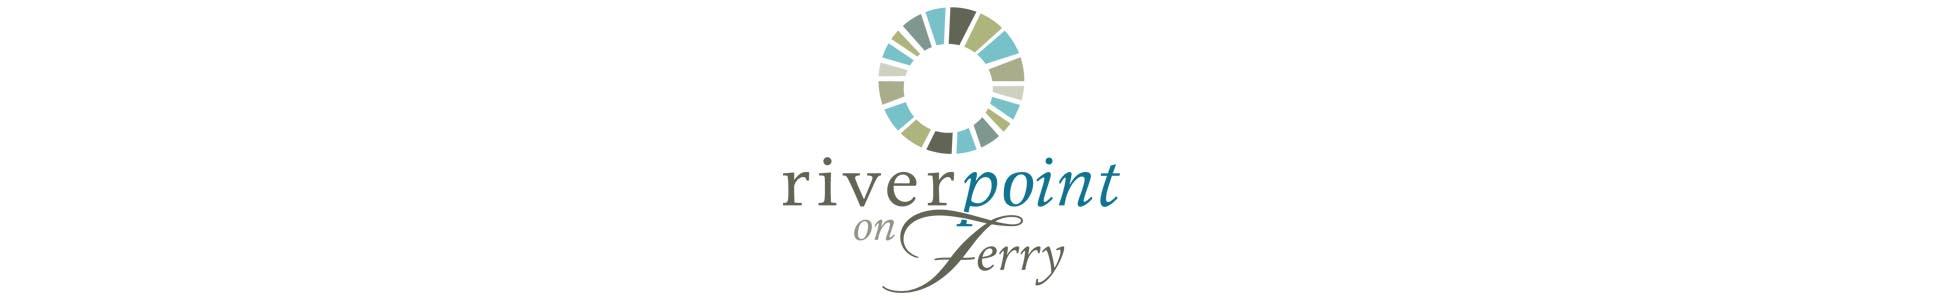 Riverpoint.jpg